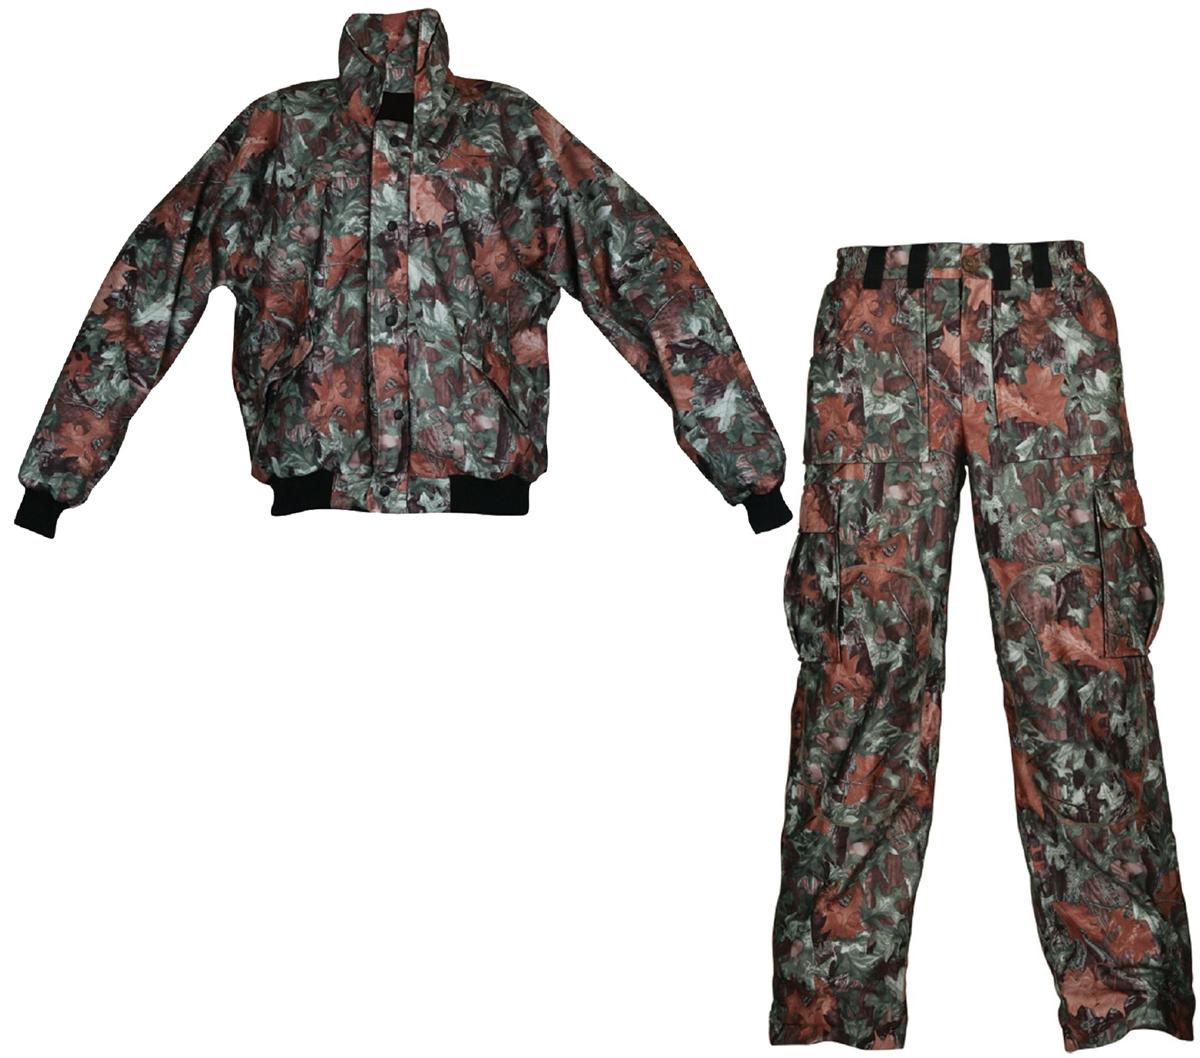 Костюм рыболовный осенний Arctix: куртка, брюки, цвет: камуфляж. 808-00401. Размер M (48/50)808Одежда для рыбалки изготовлена из 100% флиса и мембранной ткани 5 000/10 000 тем самым обладает дышащими, водо и ветронепроницаемыми свойствами. Брюки имеют эластичный пояс и широкие шлевки под ремень. Контактные зоны брюк усилены накладками. Внизу брюки для рыбалки имеют застежки-молнии, что позволяет быстро надеть одежду не снимая обуви, низ комбинезона оснащен регулируемой манжетой. Брюки абсолютно не шелестят и имеют, карманы на магнитных замках. Куртка абсолютно бесшумная и имеет магнитные замки для карманов. Рукава с трикотажными манжетами и поясом.